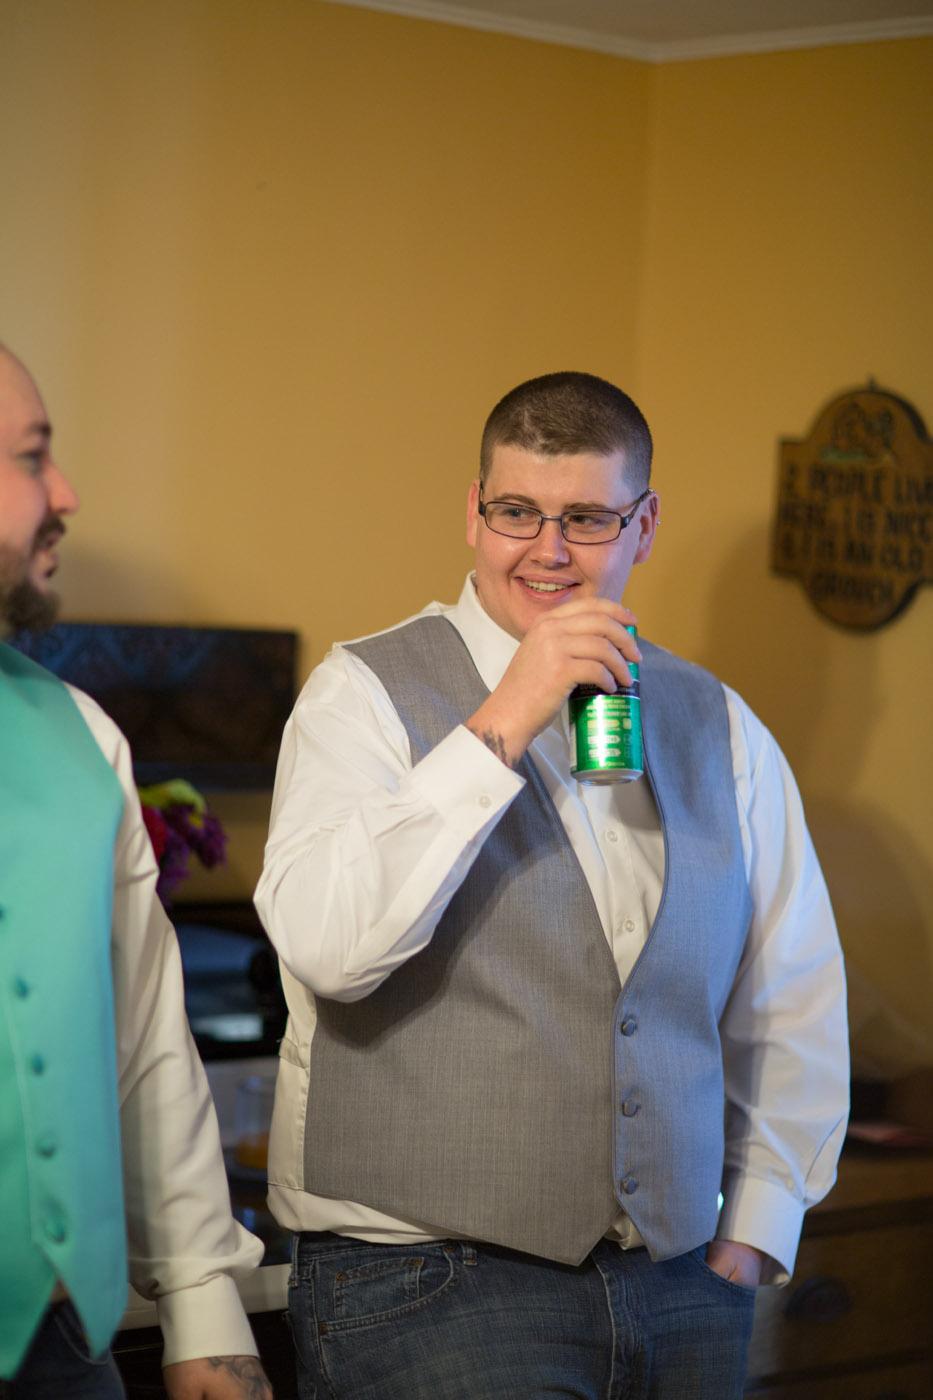 Yutzy Wedding 1 433.jpg